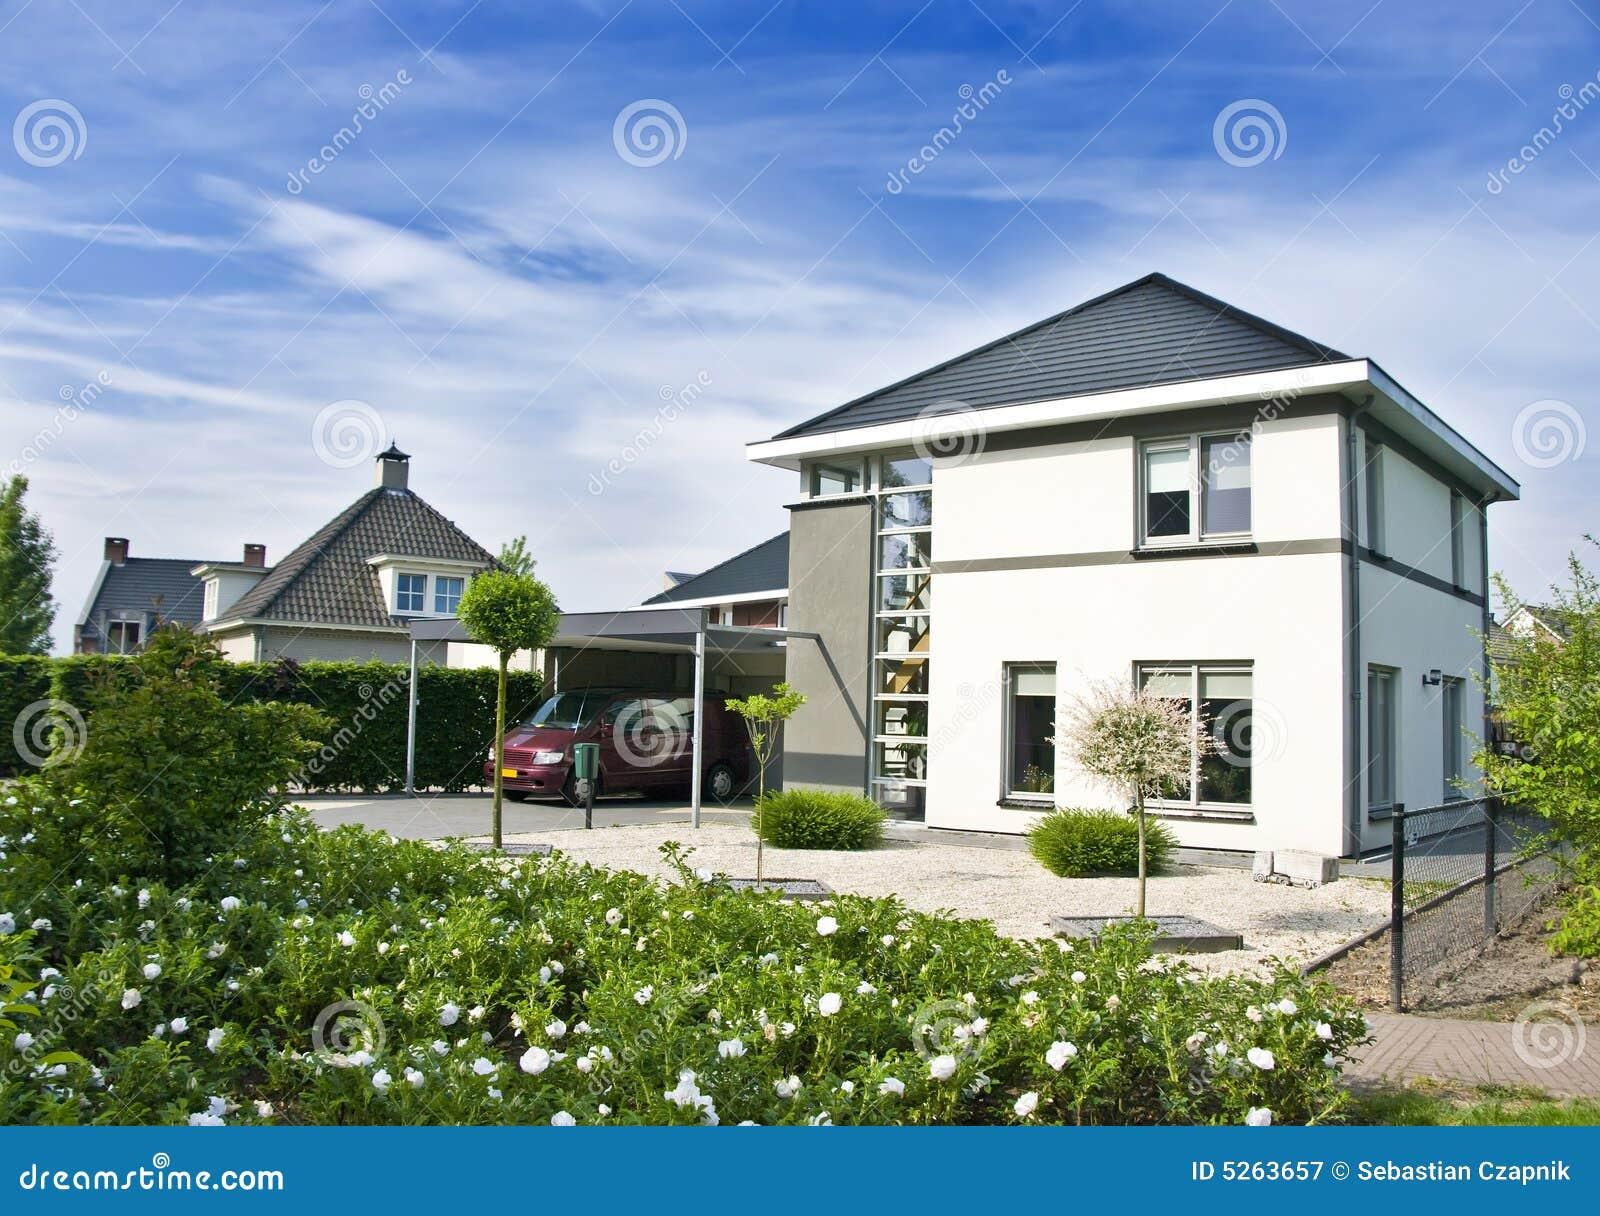 moderne huis en tuin stock afbeelding afbeelding bestaande uit eigentijds 5263657